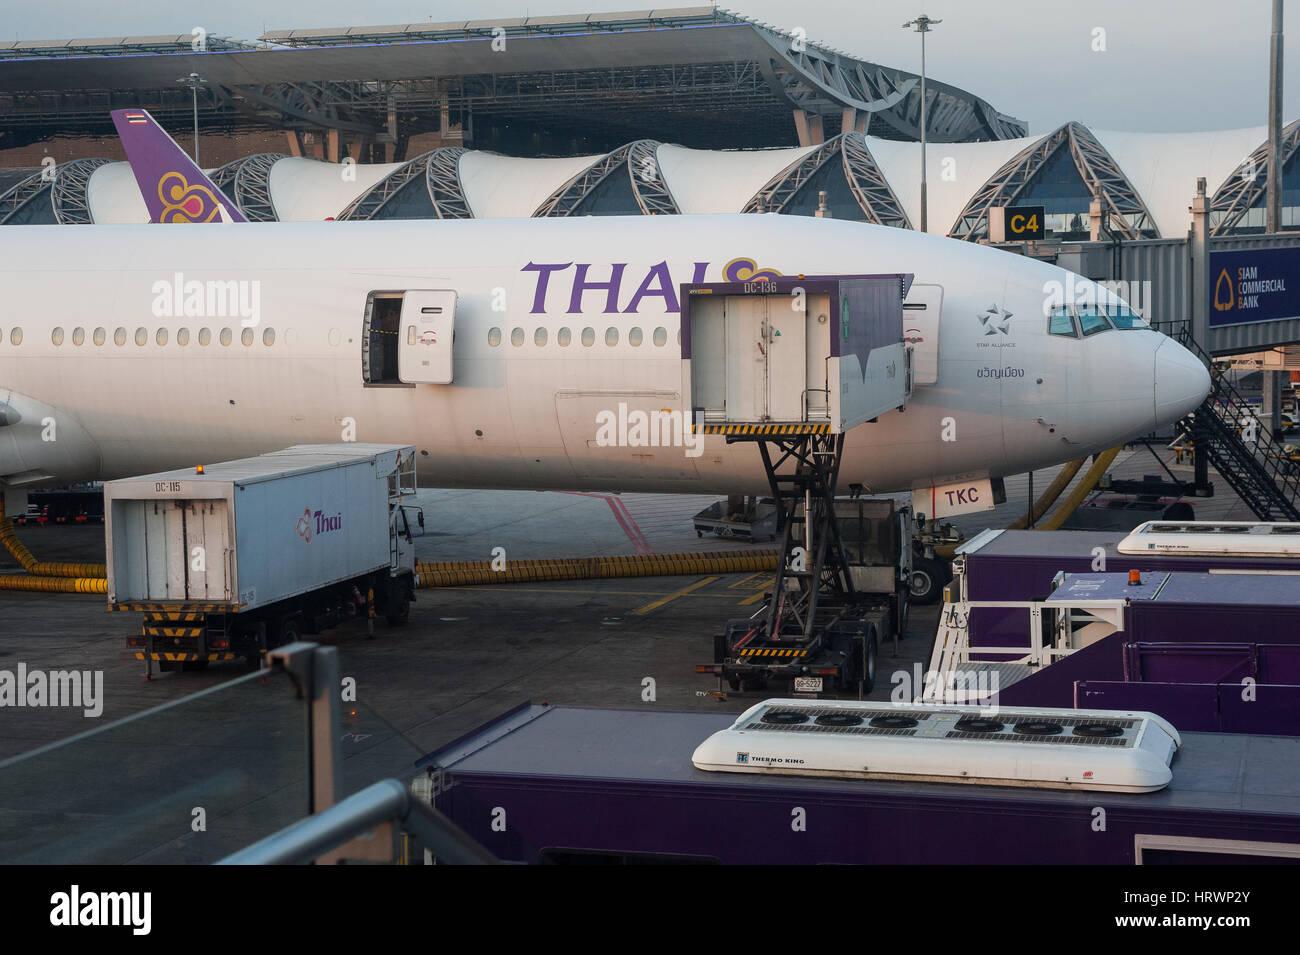 25.01.2017, Bangkok, Thailandia, Asia - un Thai Airways piano passeggero è parcheggiata in corrispondenza di Immagini Stock